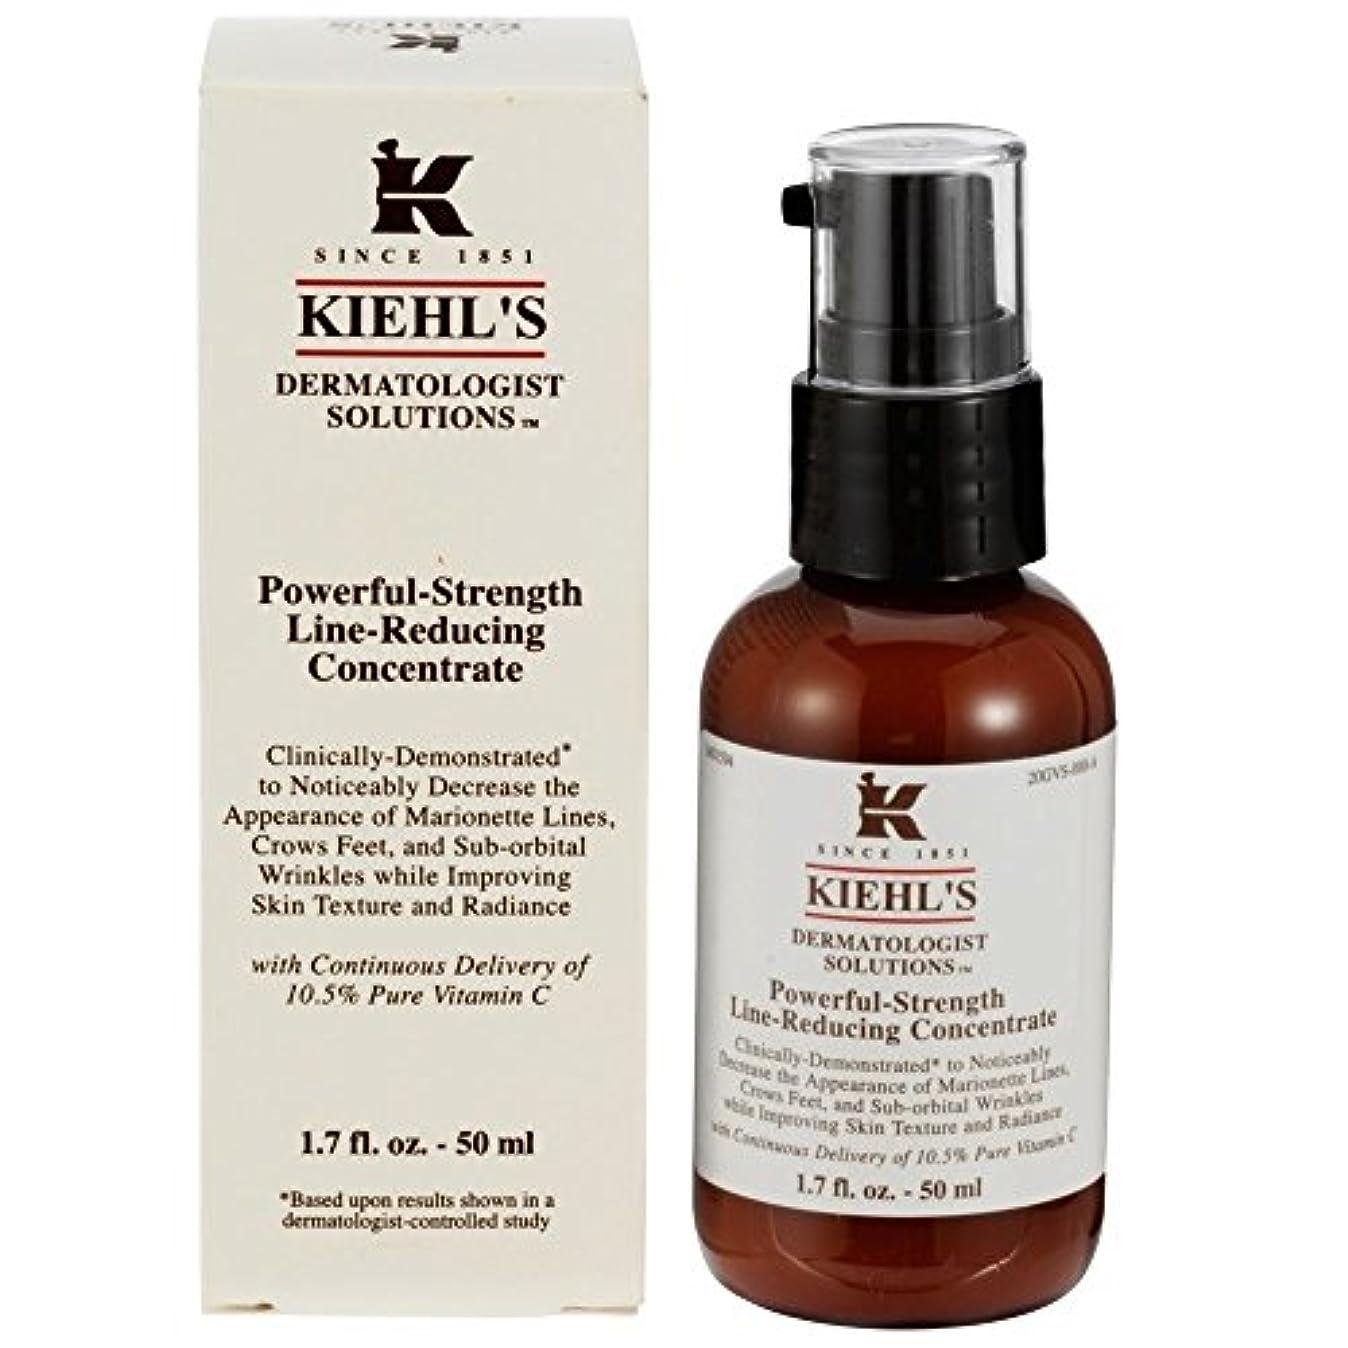 プロフェッショナル菊紳士[Kiehl's] 濃縮物の50ミリリットルを減らすKiehls強力な強度ライン - Kiehls Powerful Strength Line Reducing Concentrate 50ml [並行輸入品]